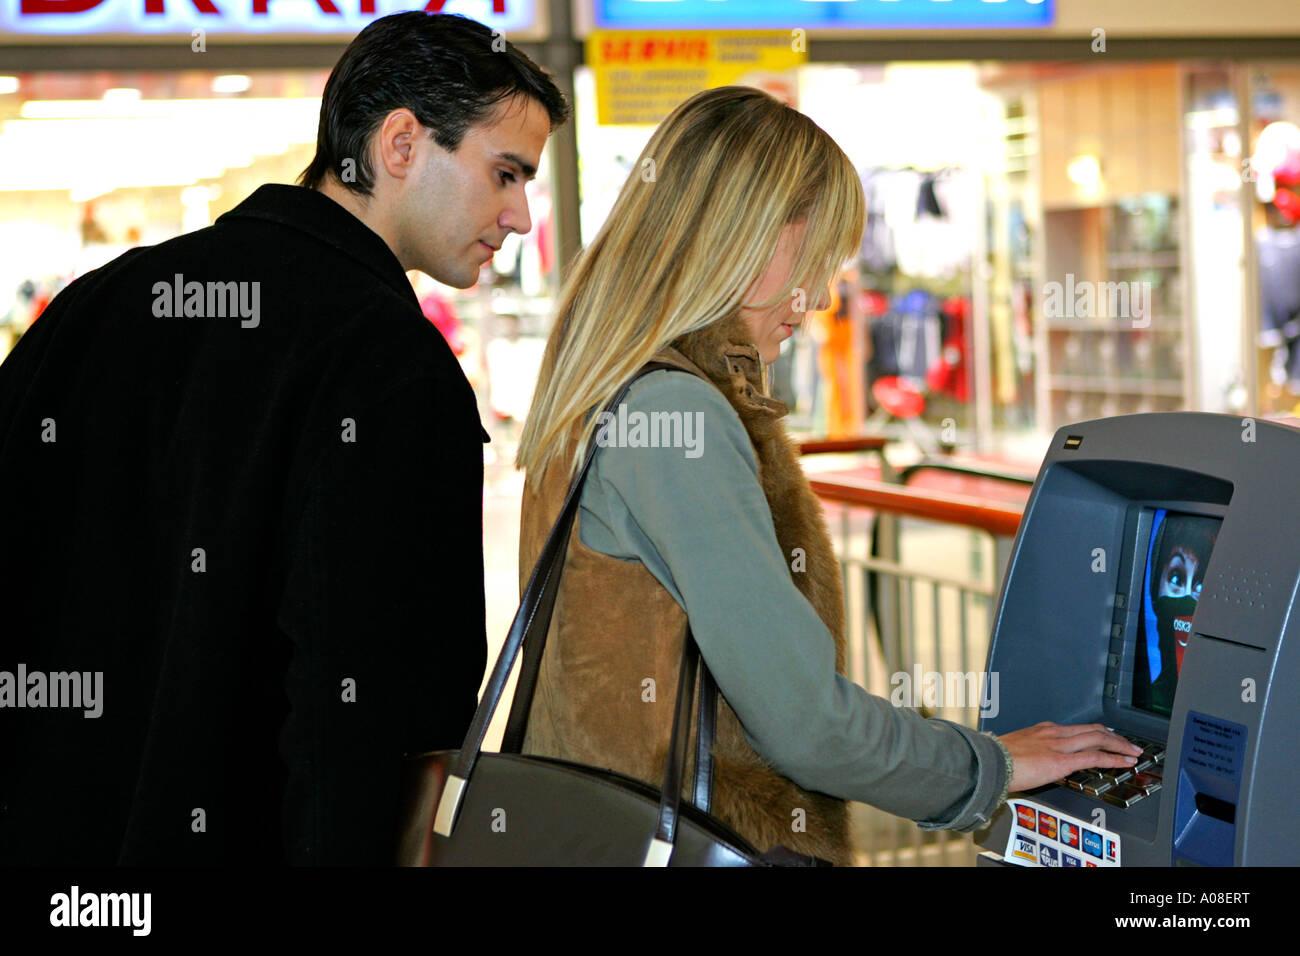 Frau Bin Geldautomaten Mann Schaut Nach Pin Nummer Frau Am